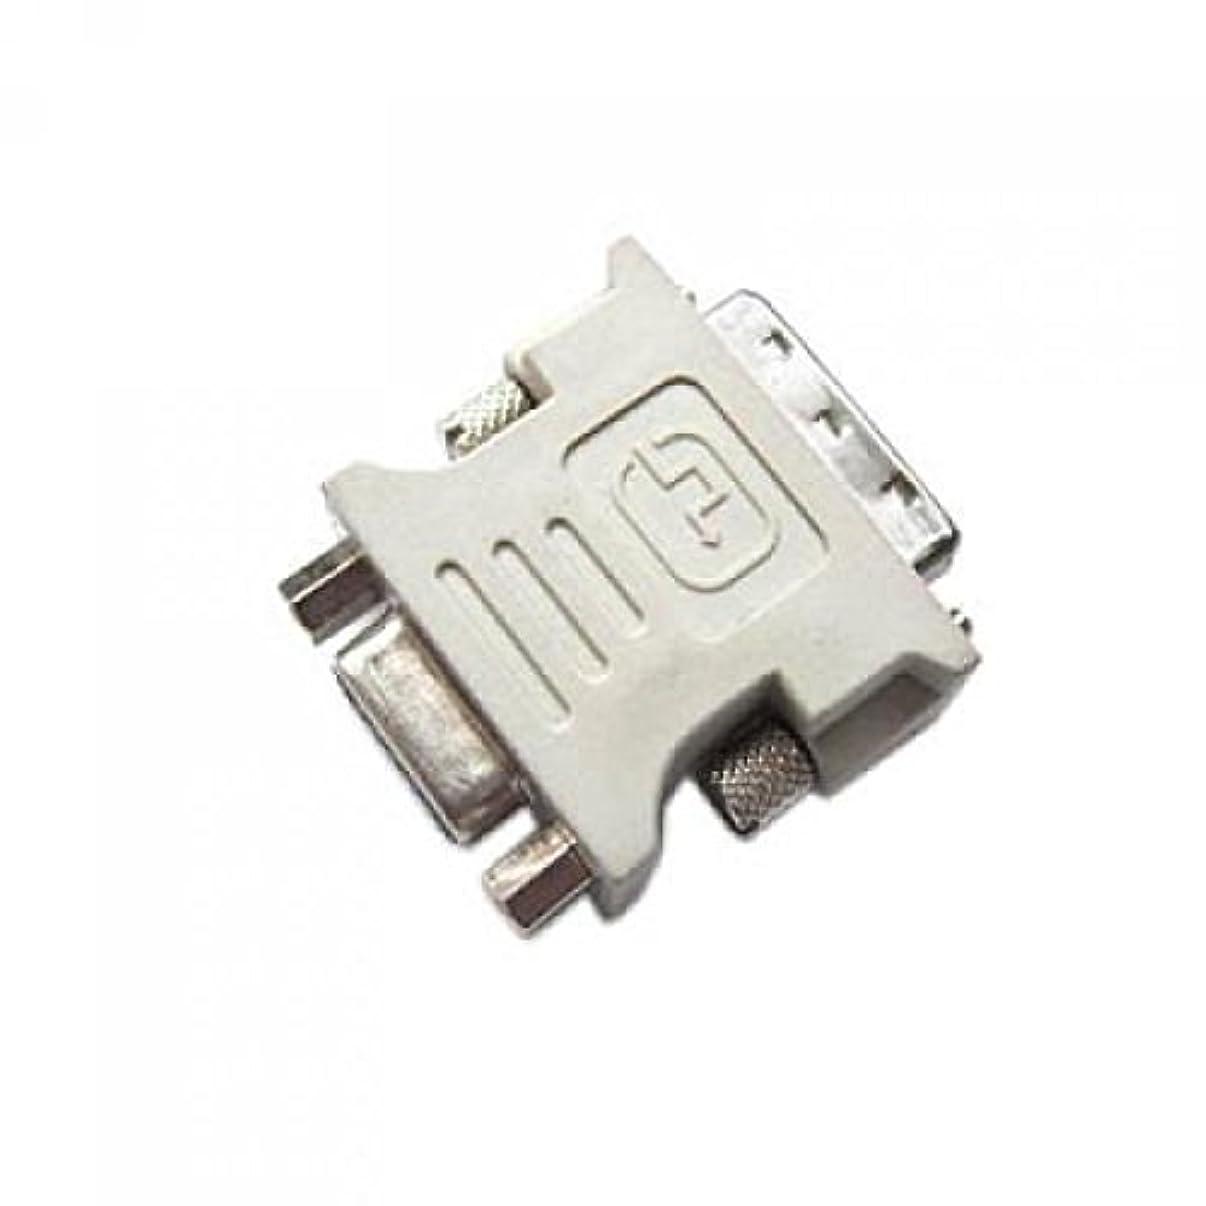 円周論争の的社説Sharplace VGA(メス15ピン) DVI-D(オス24 +1ピン) アダプタ コンピュータ 信号伝達 コネクター 2個